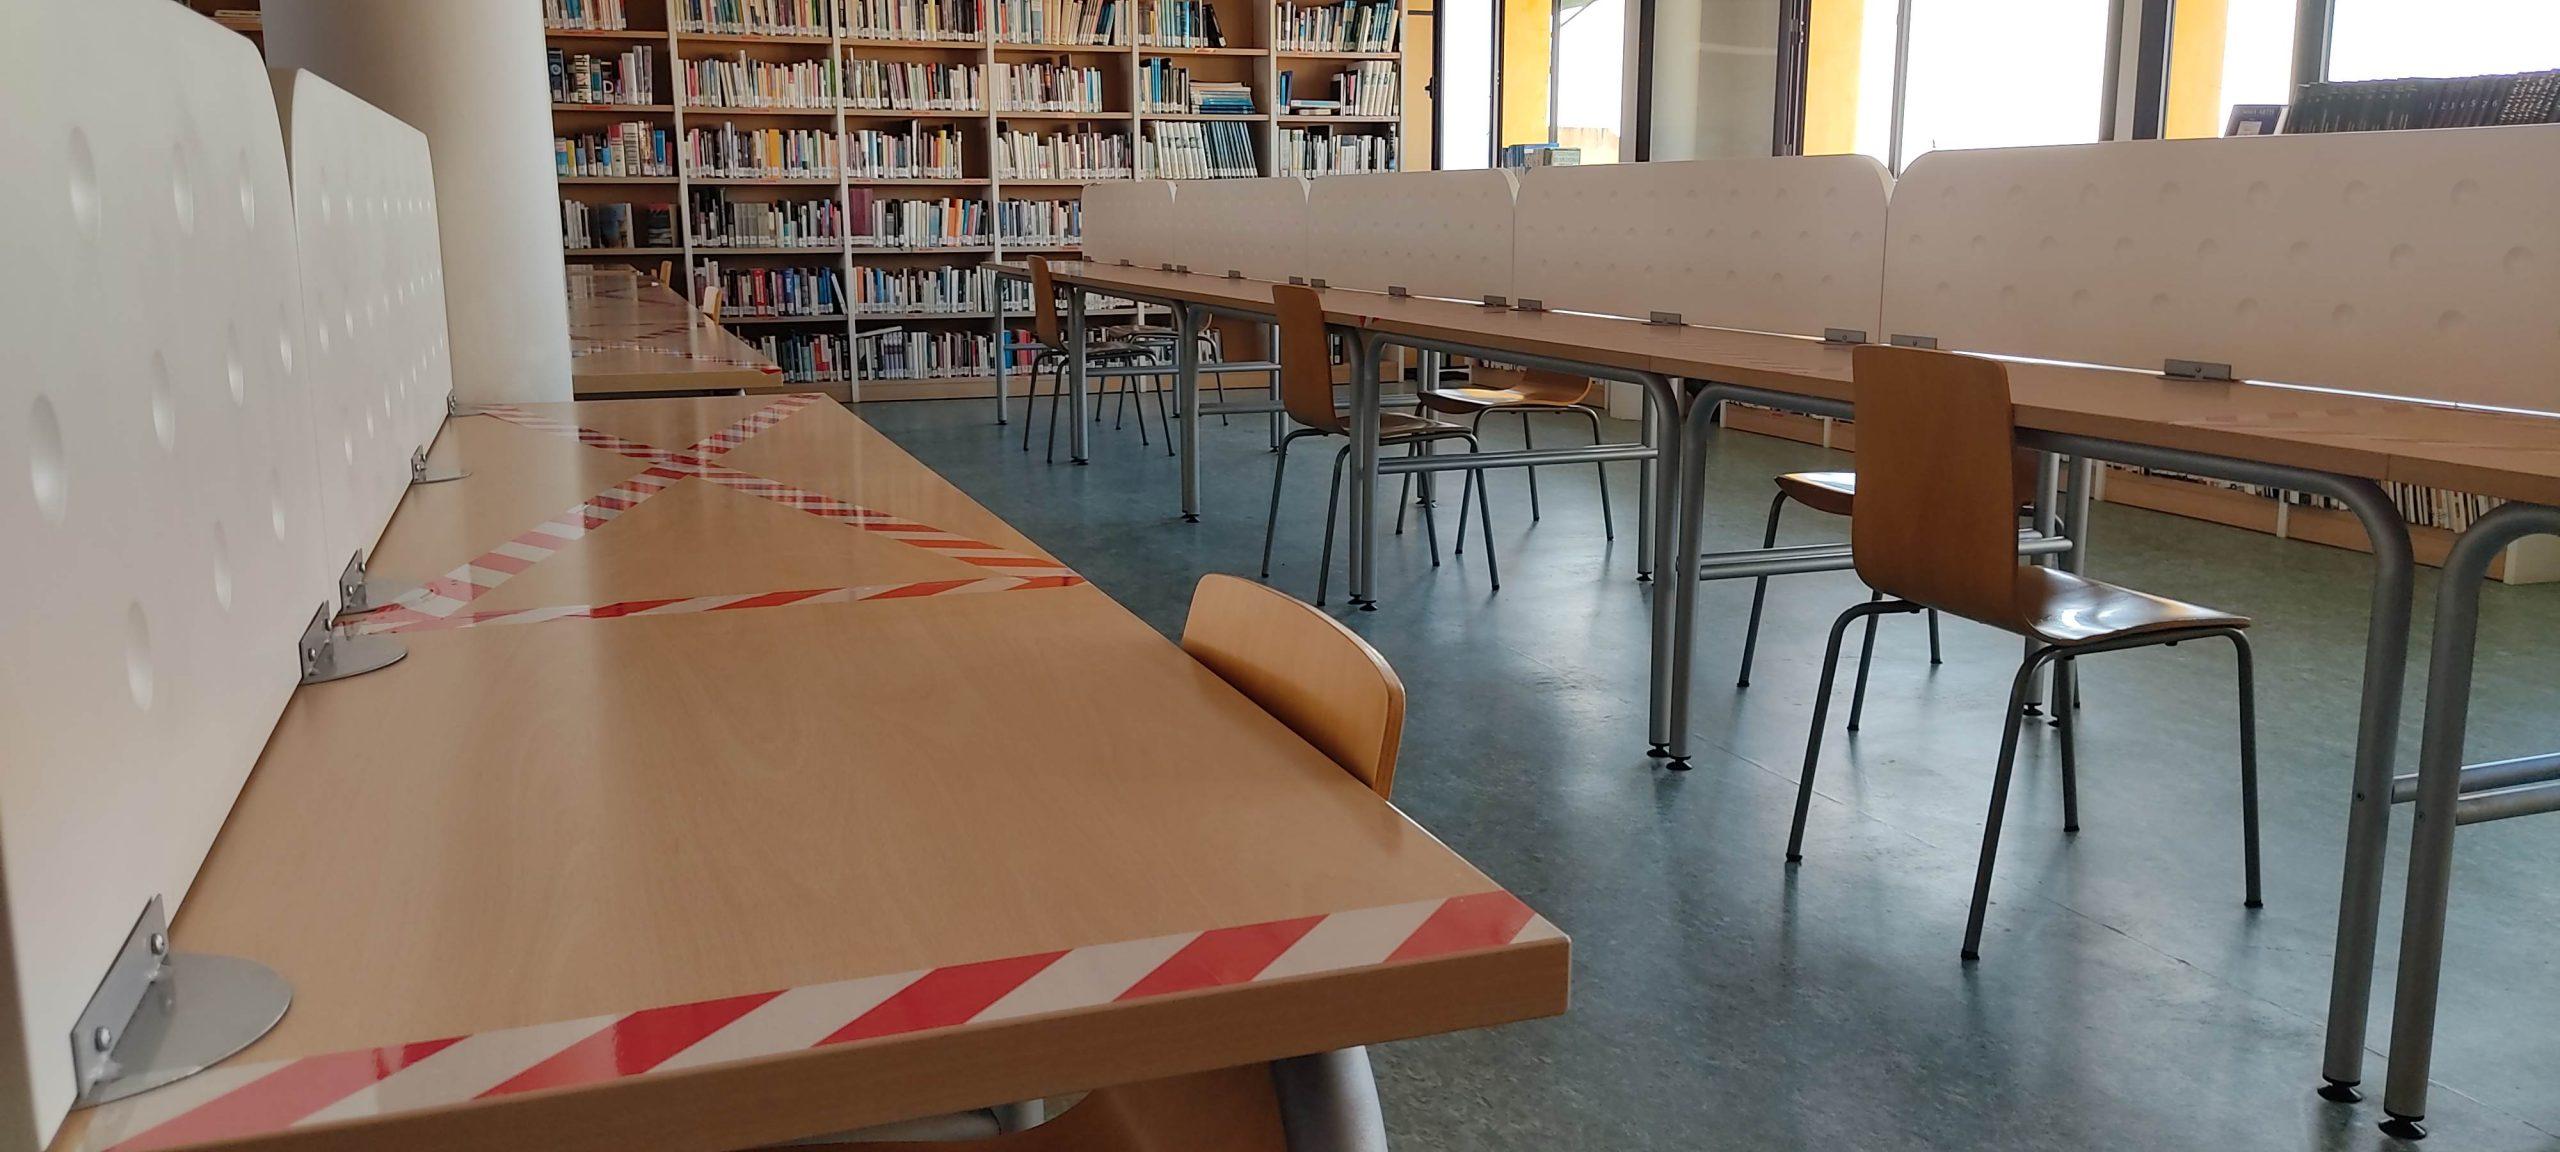 La nueva normalidad en las bibliotecas